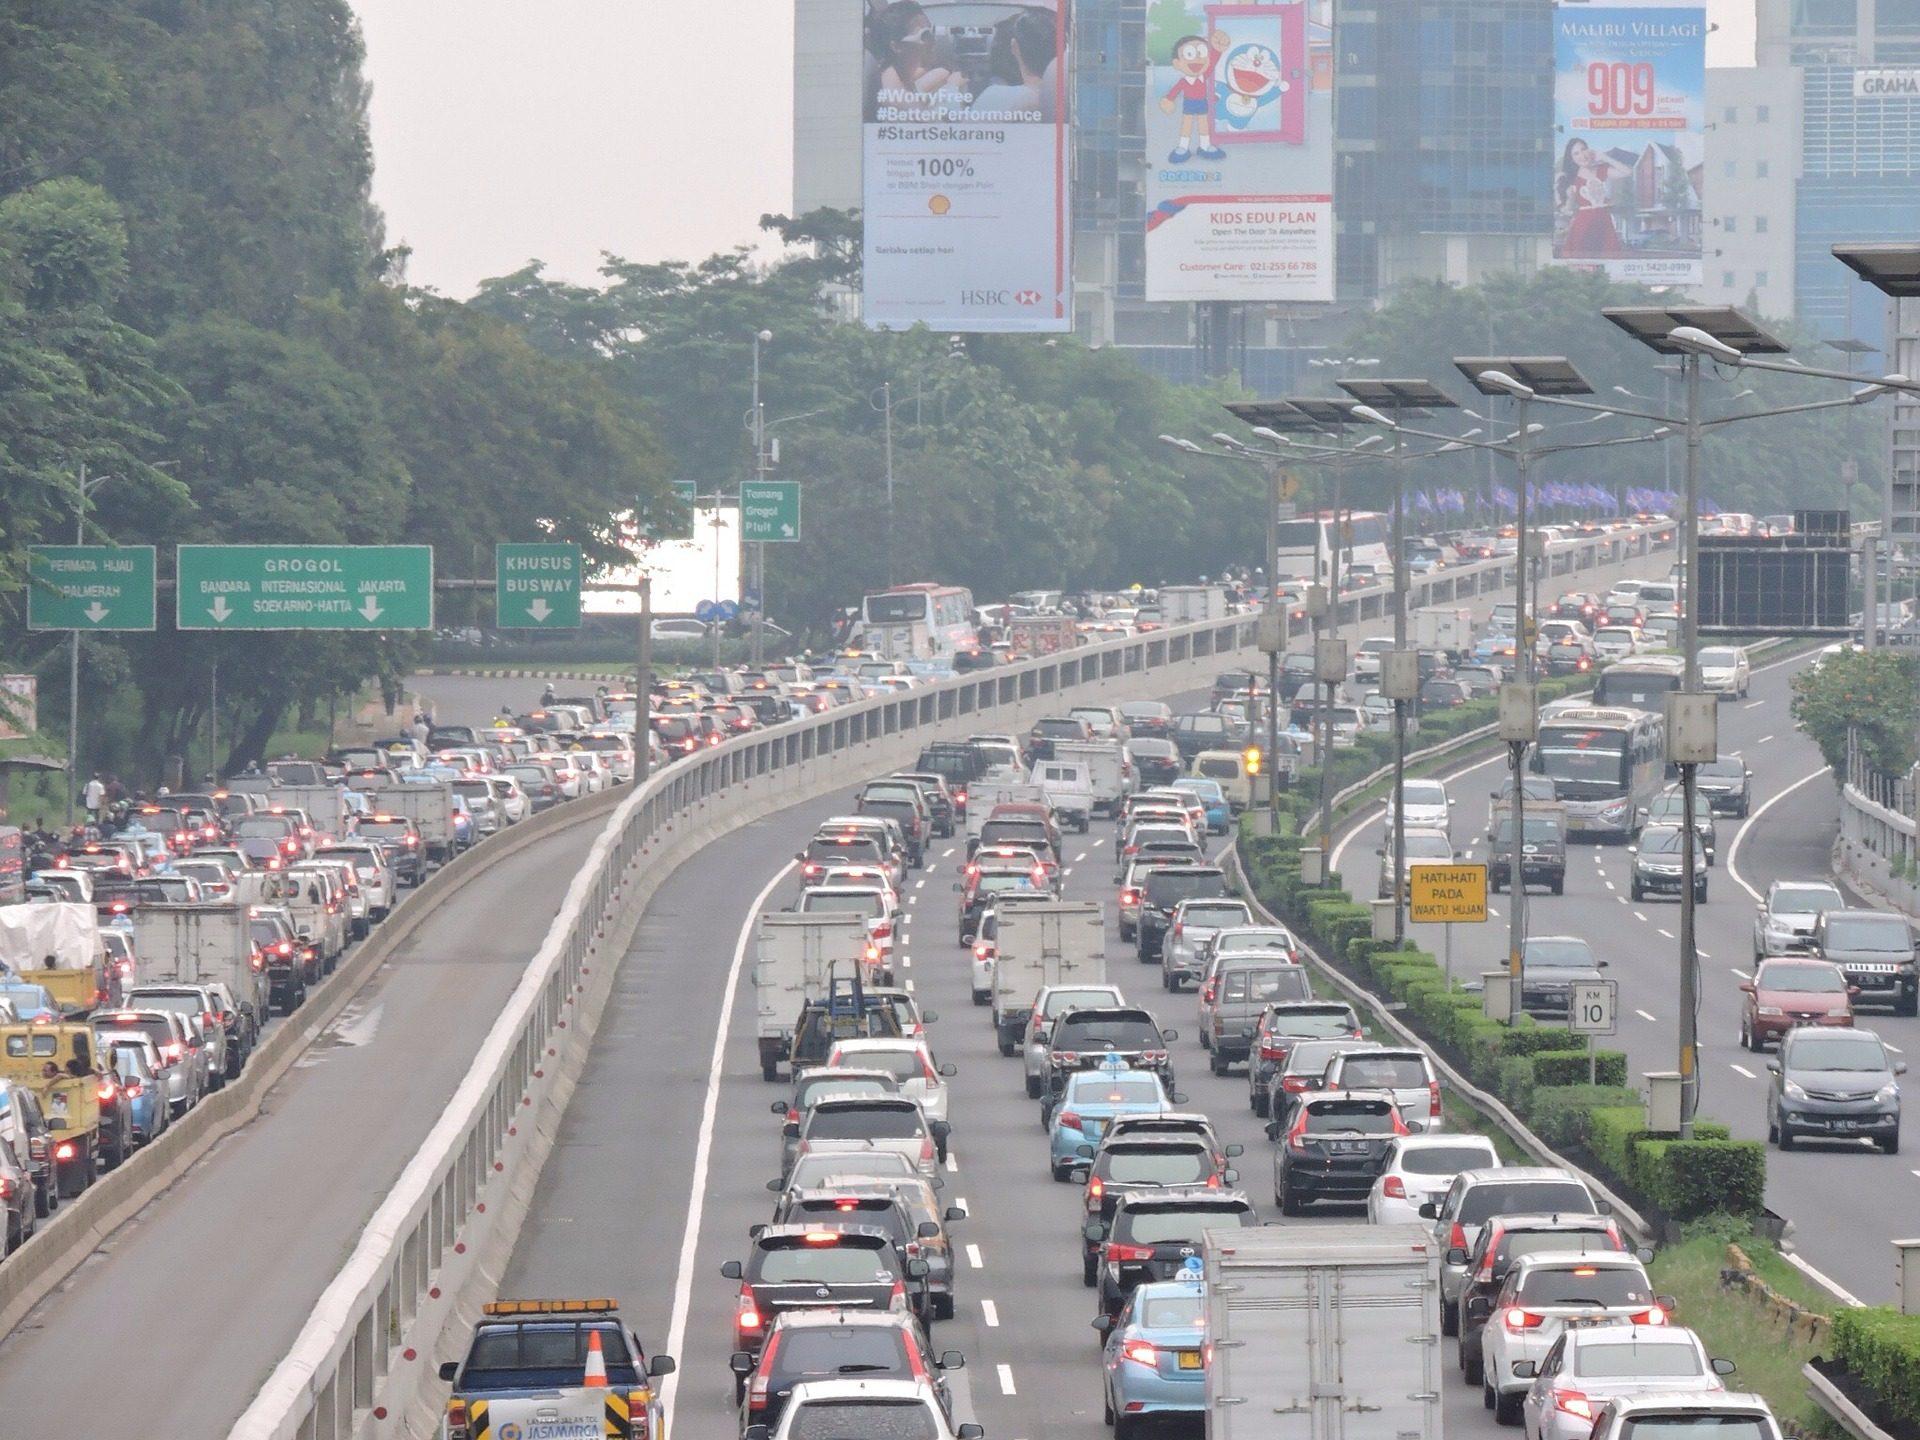 حركة المرور, مربي, قوائم الانتظار, تلوث, مدينة, التكتل - خلفيات عالية الدقة - أستاذ falken.com